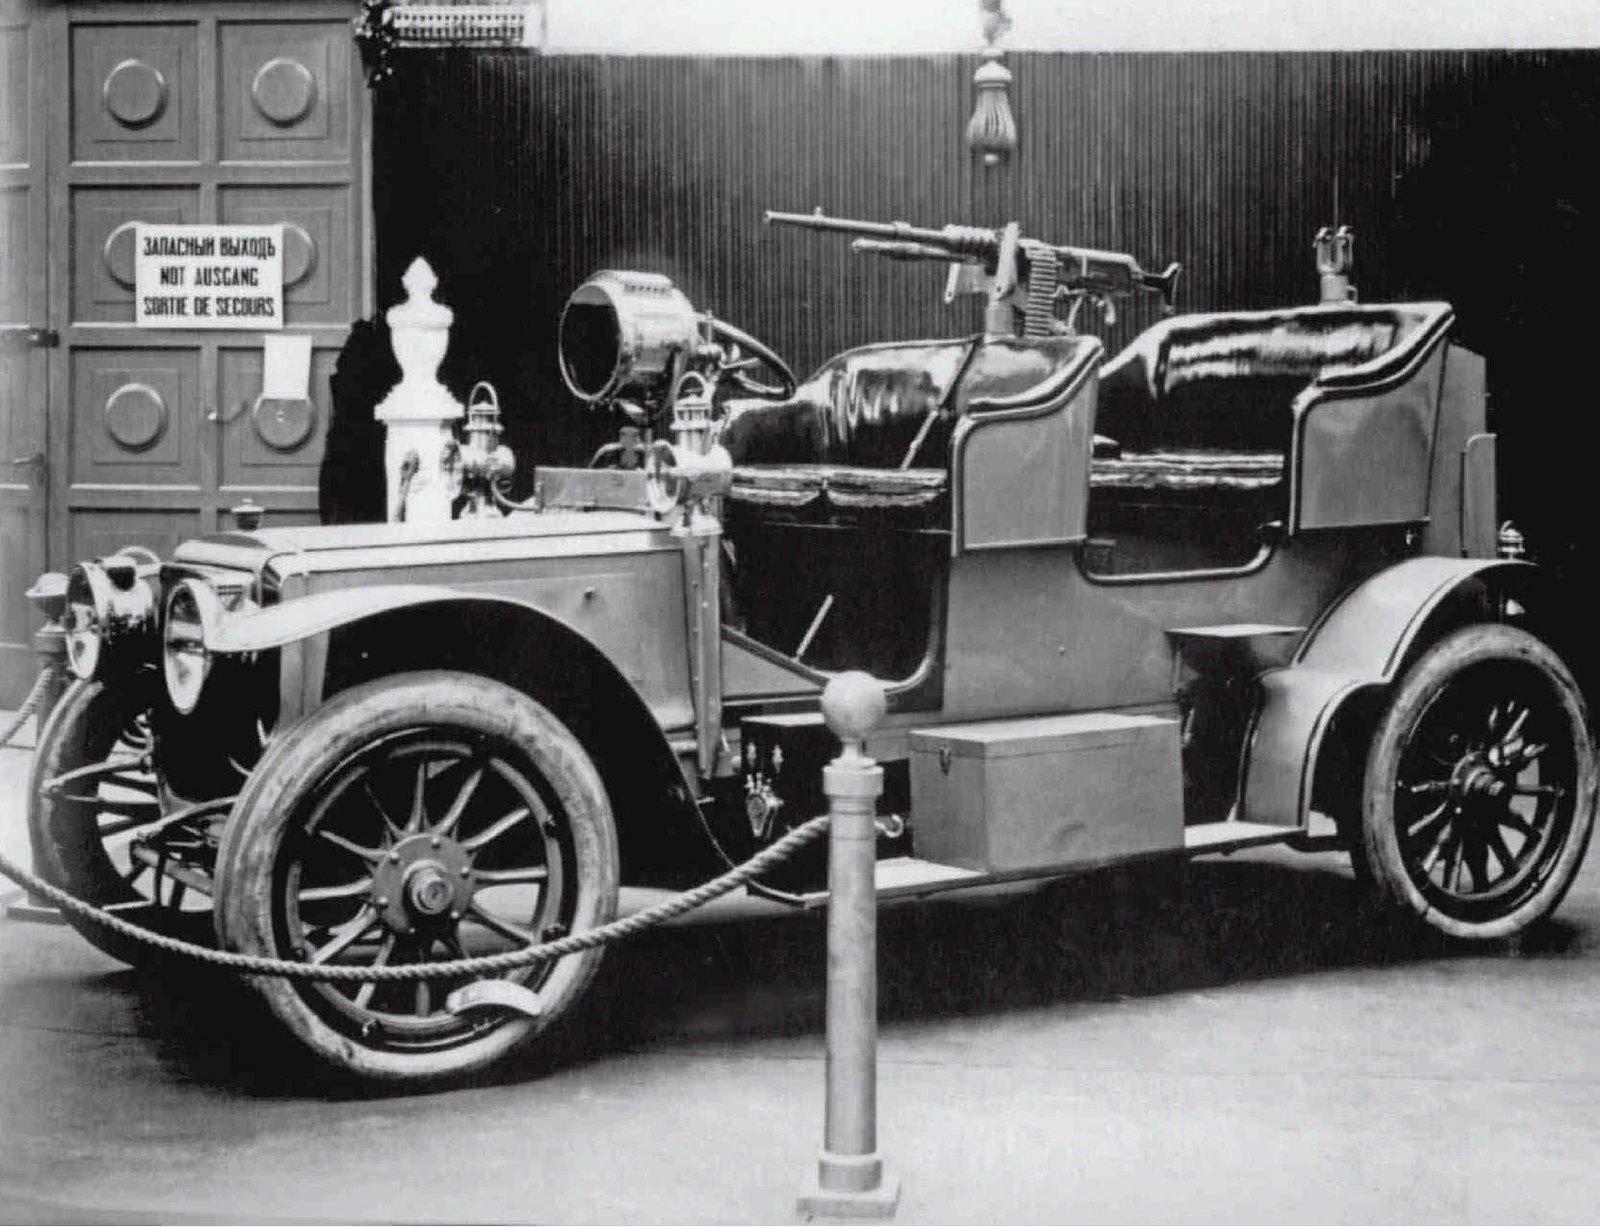 1913. Четвертая Международная автомобильная выставка в Михайловском манеже. Военный автомобиль с пулеметом